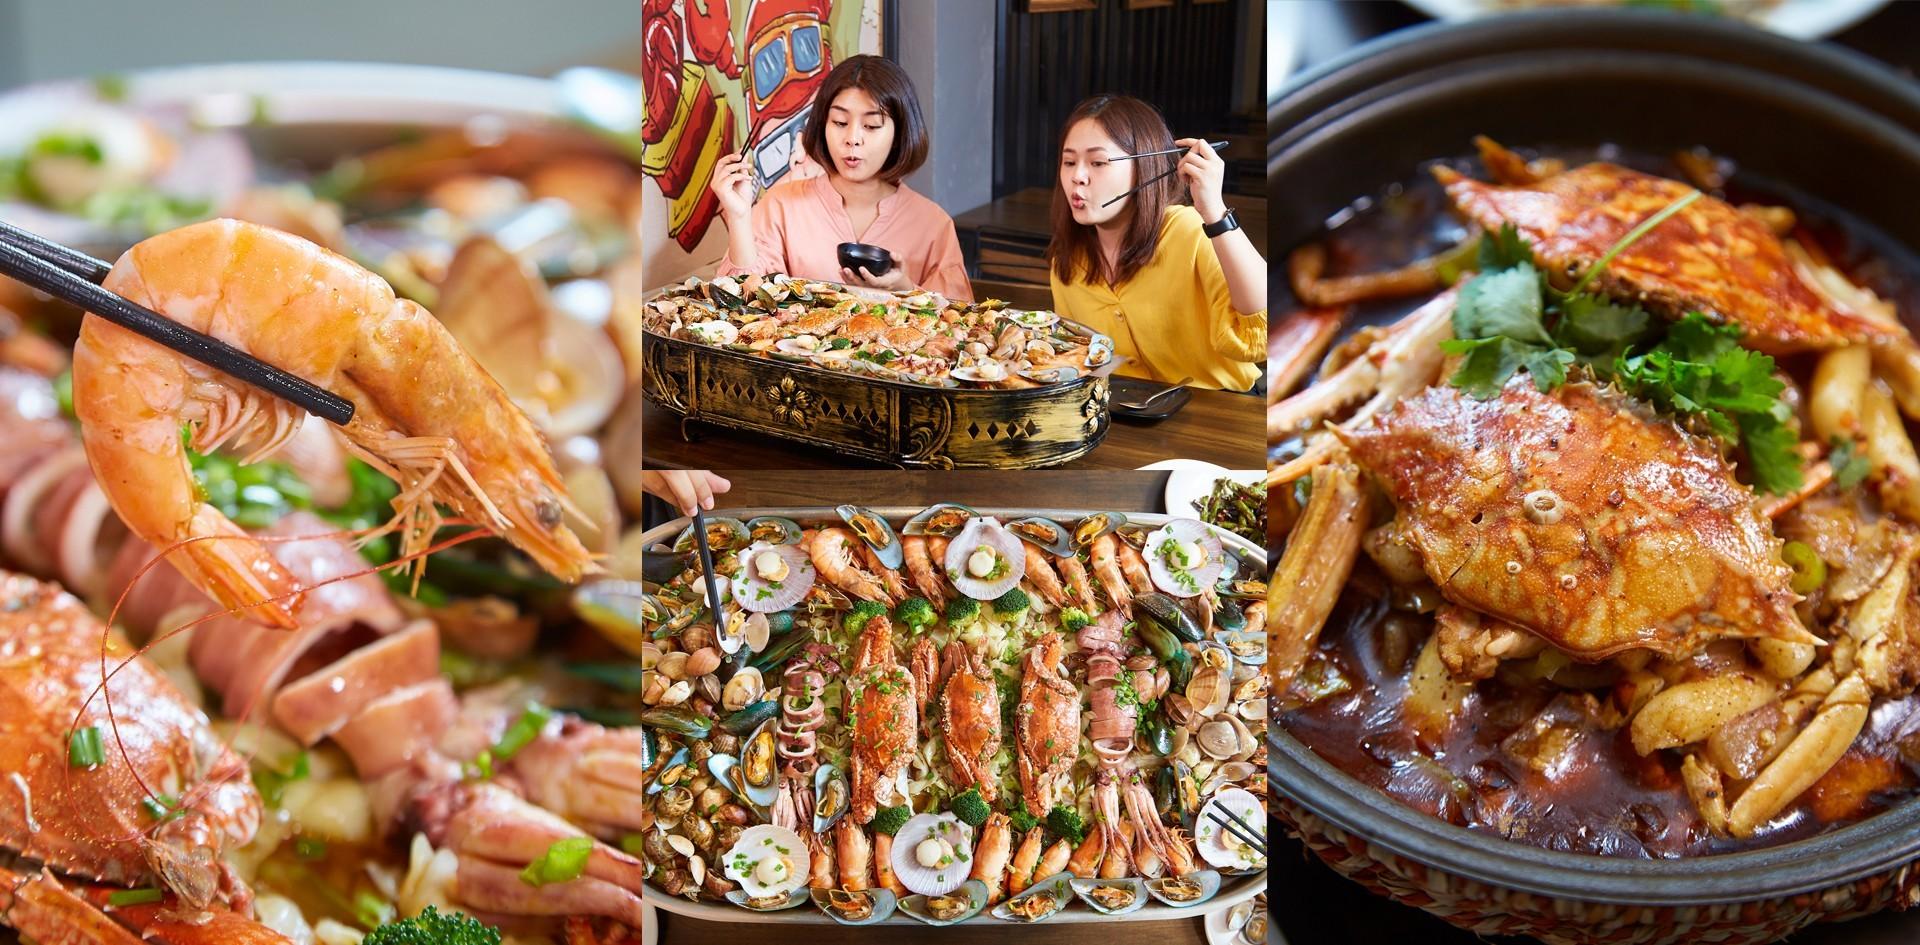 [รีวิว] โพไซดอนทะเลเดือด ร้านอาหารทะเลพัทยา เสิร์ฟใหญ่จัดเต็มทุกเมนู!